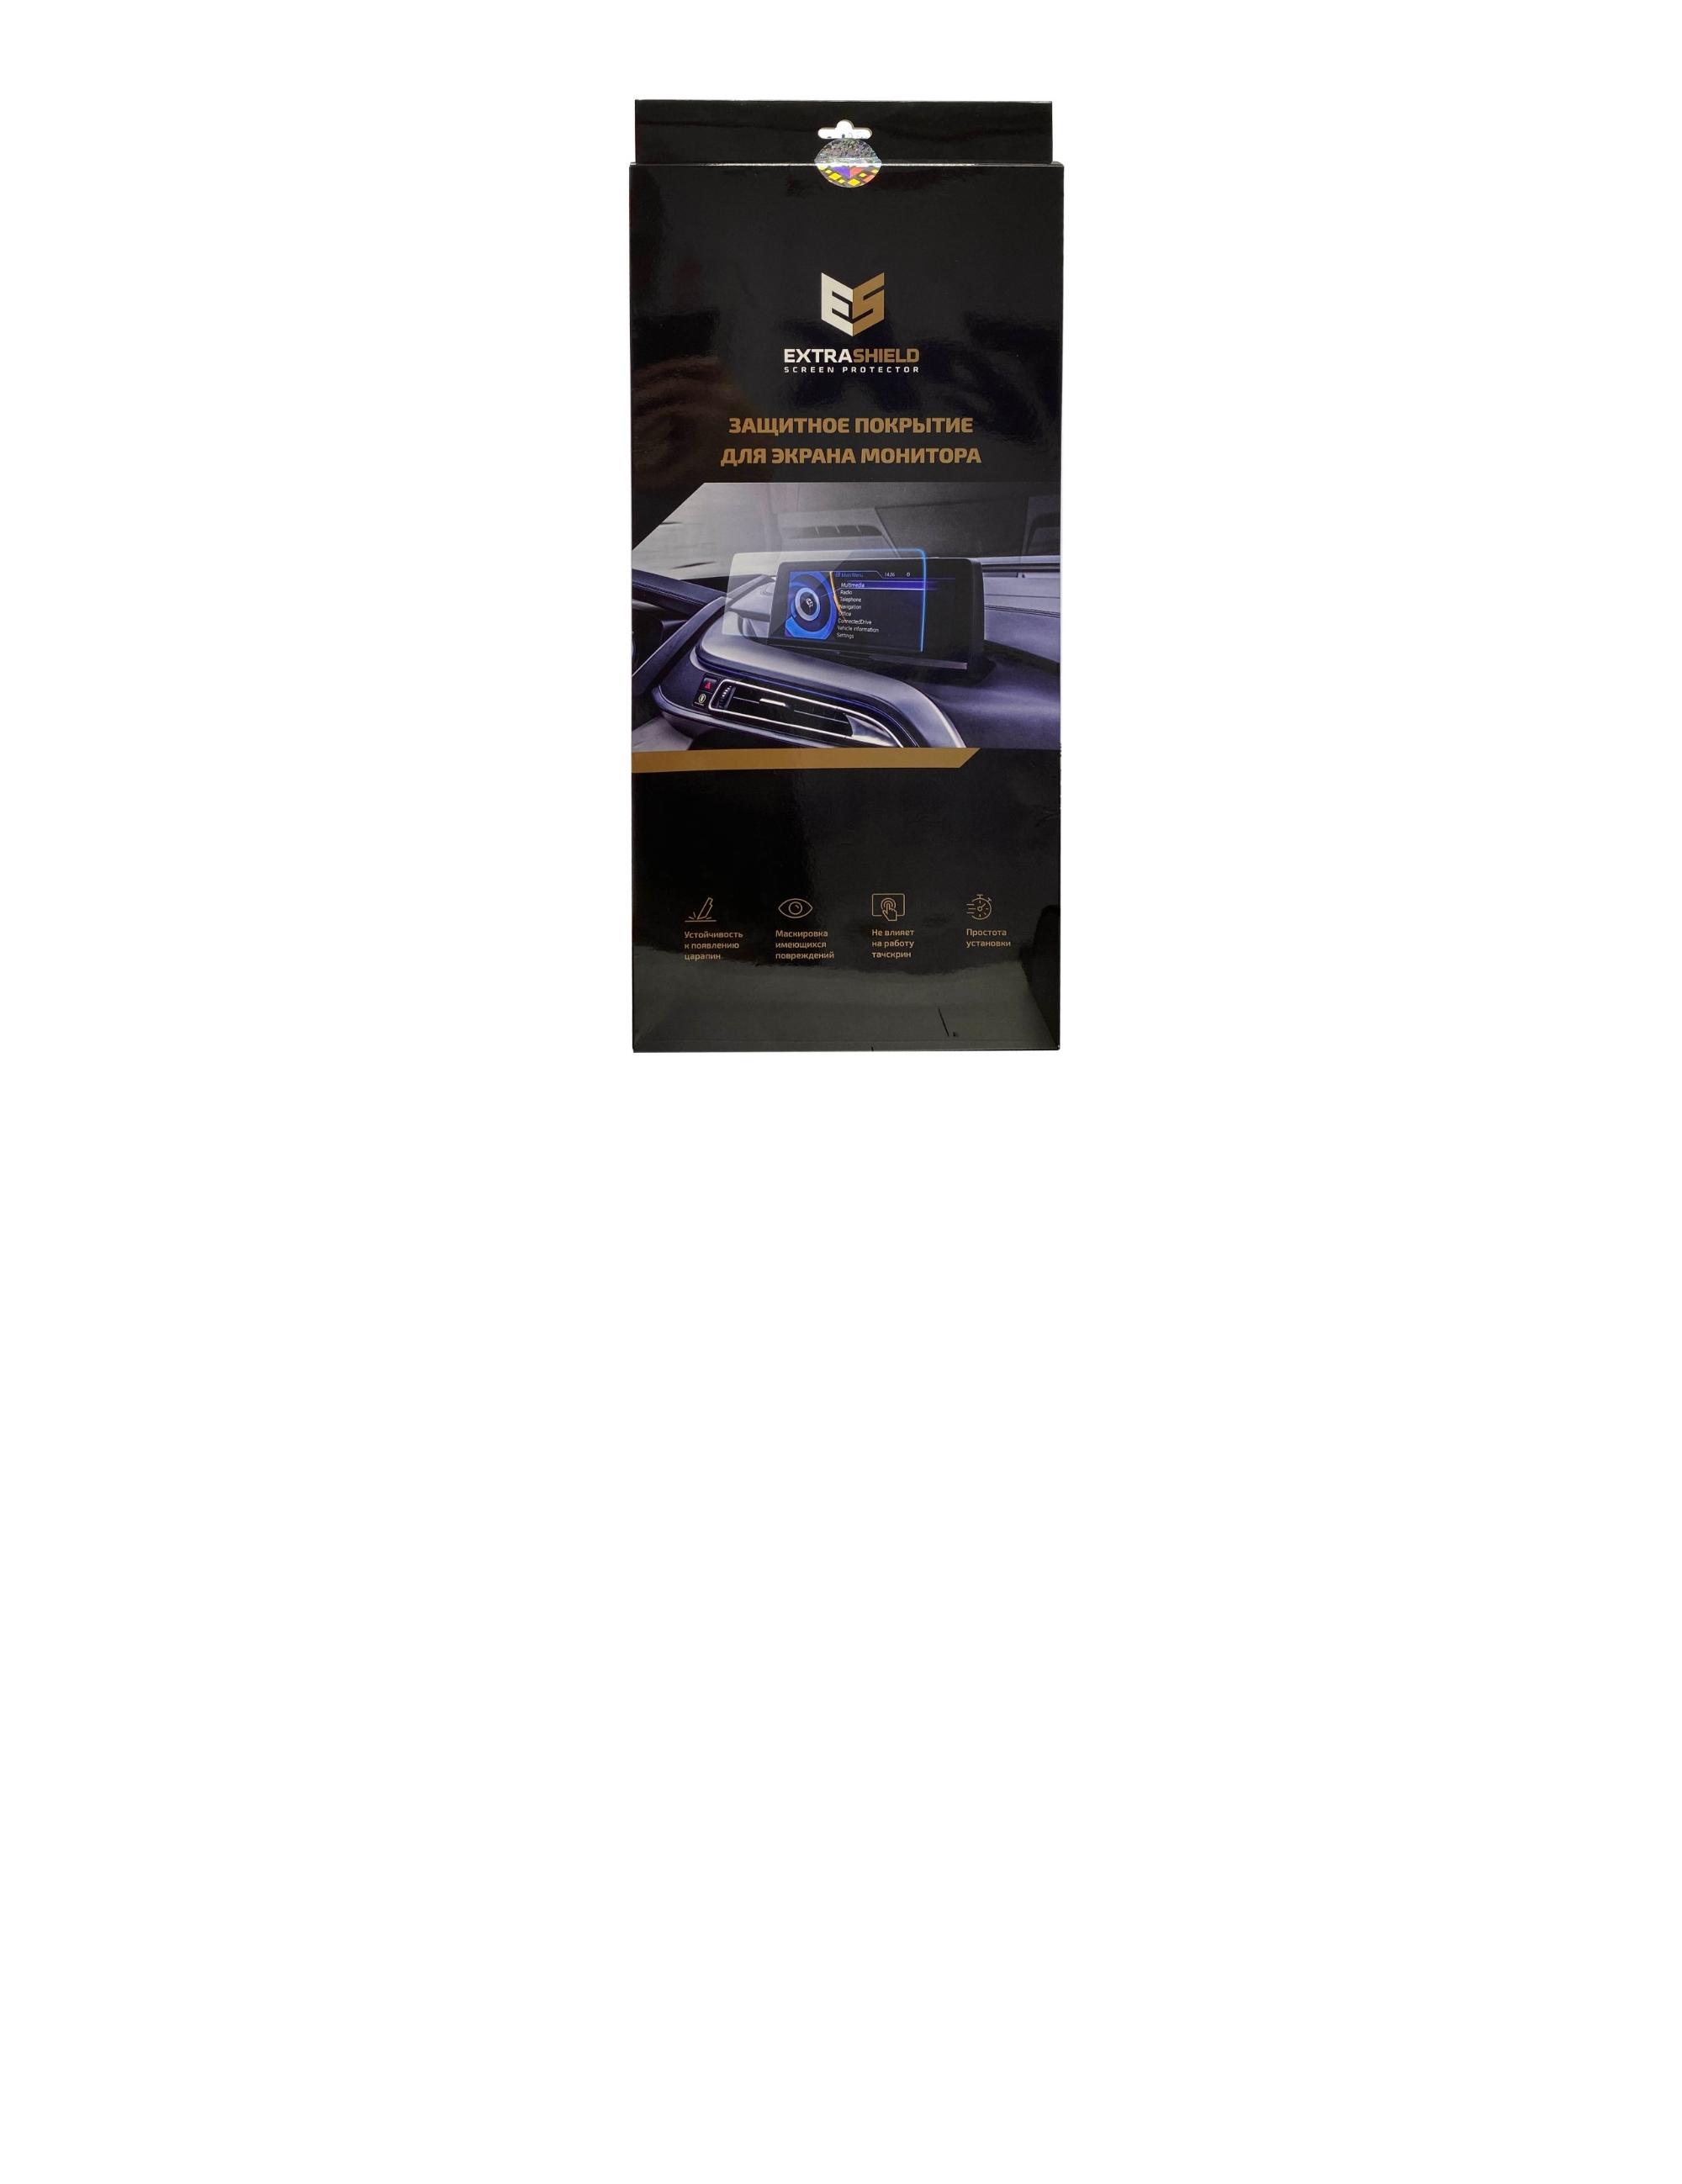 Mercedes-Benz GLE (W167) 2018 - н.в. приборная панель+мультимедиа 12,3 Защитное стекло Матовая